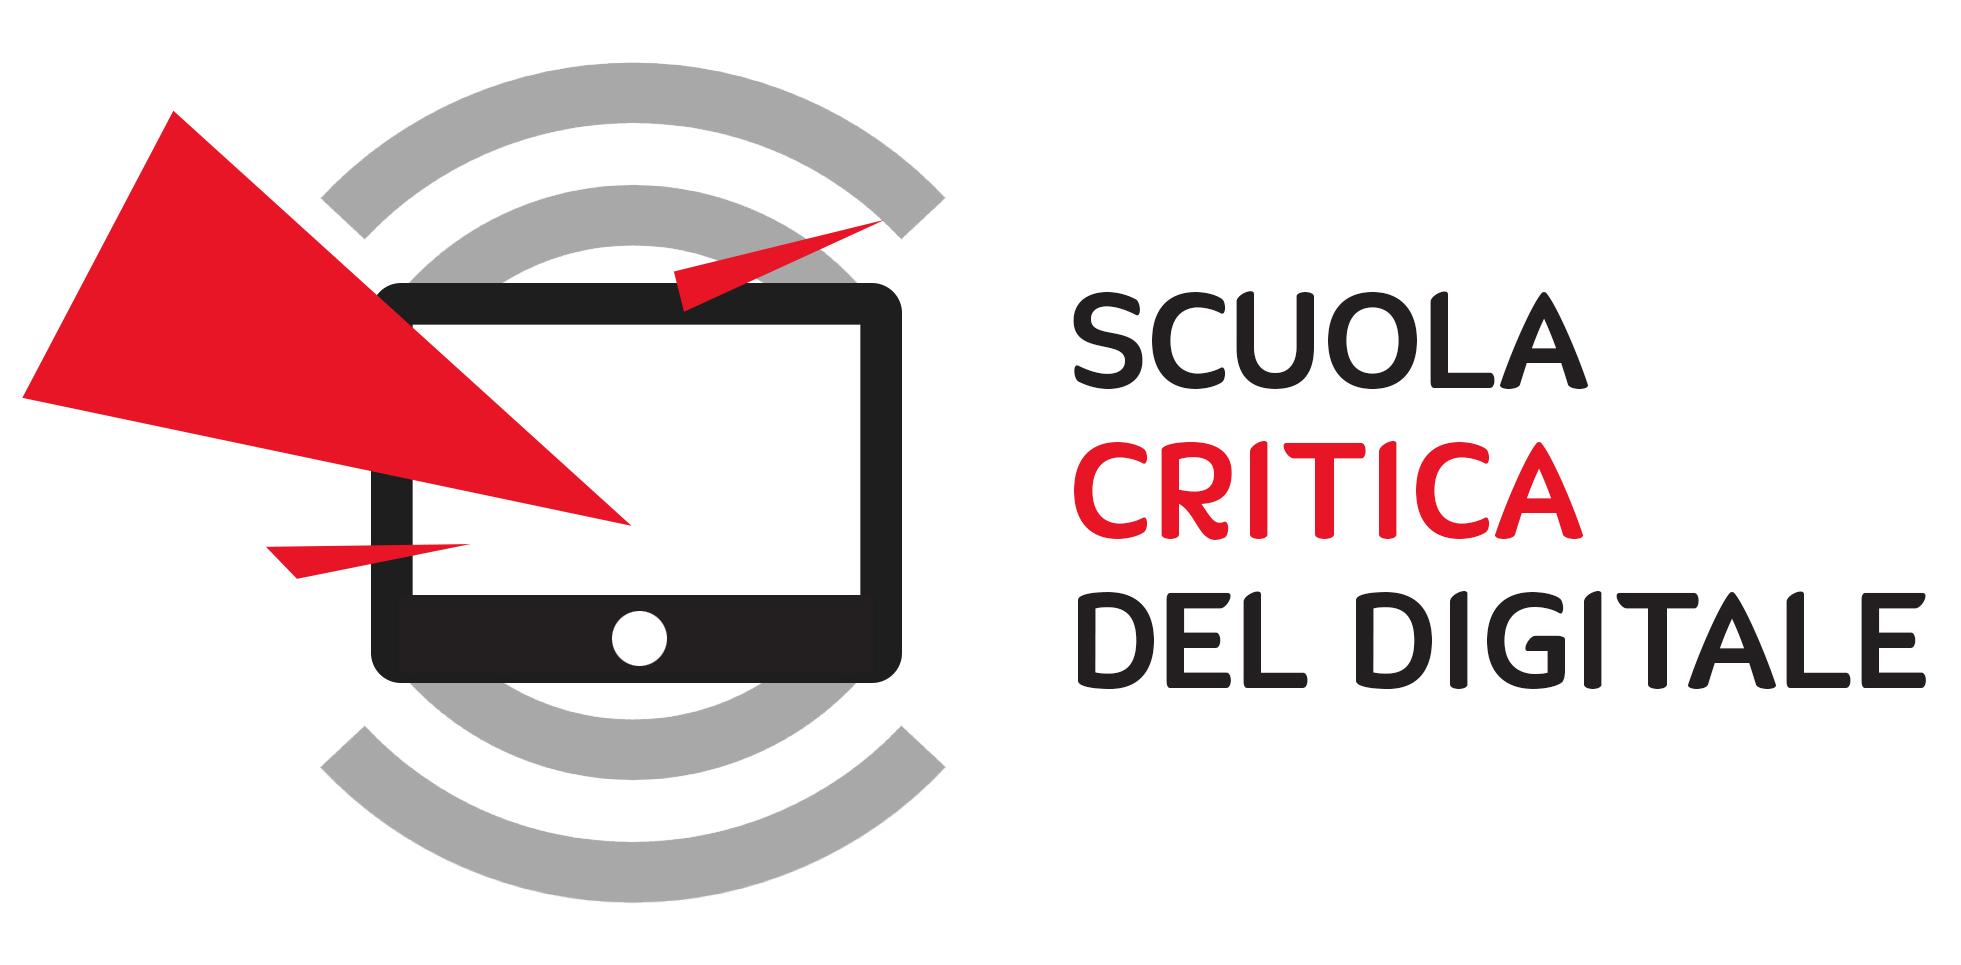 Scuola Critica del Digitale